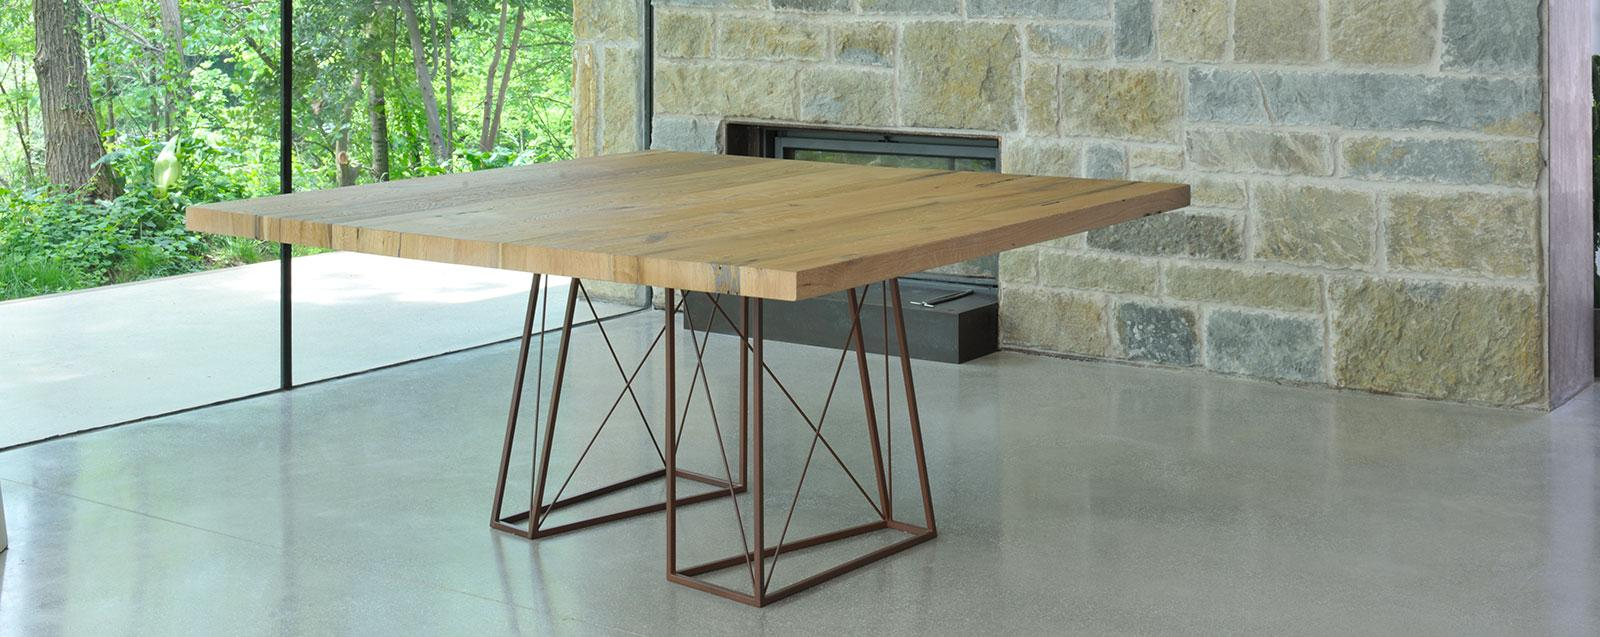 Roxy table en bois de briccola de venise idd for Table salle a manger design haut de gamme